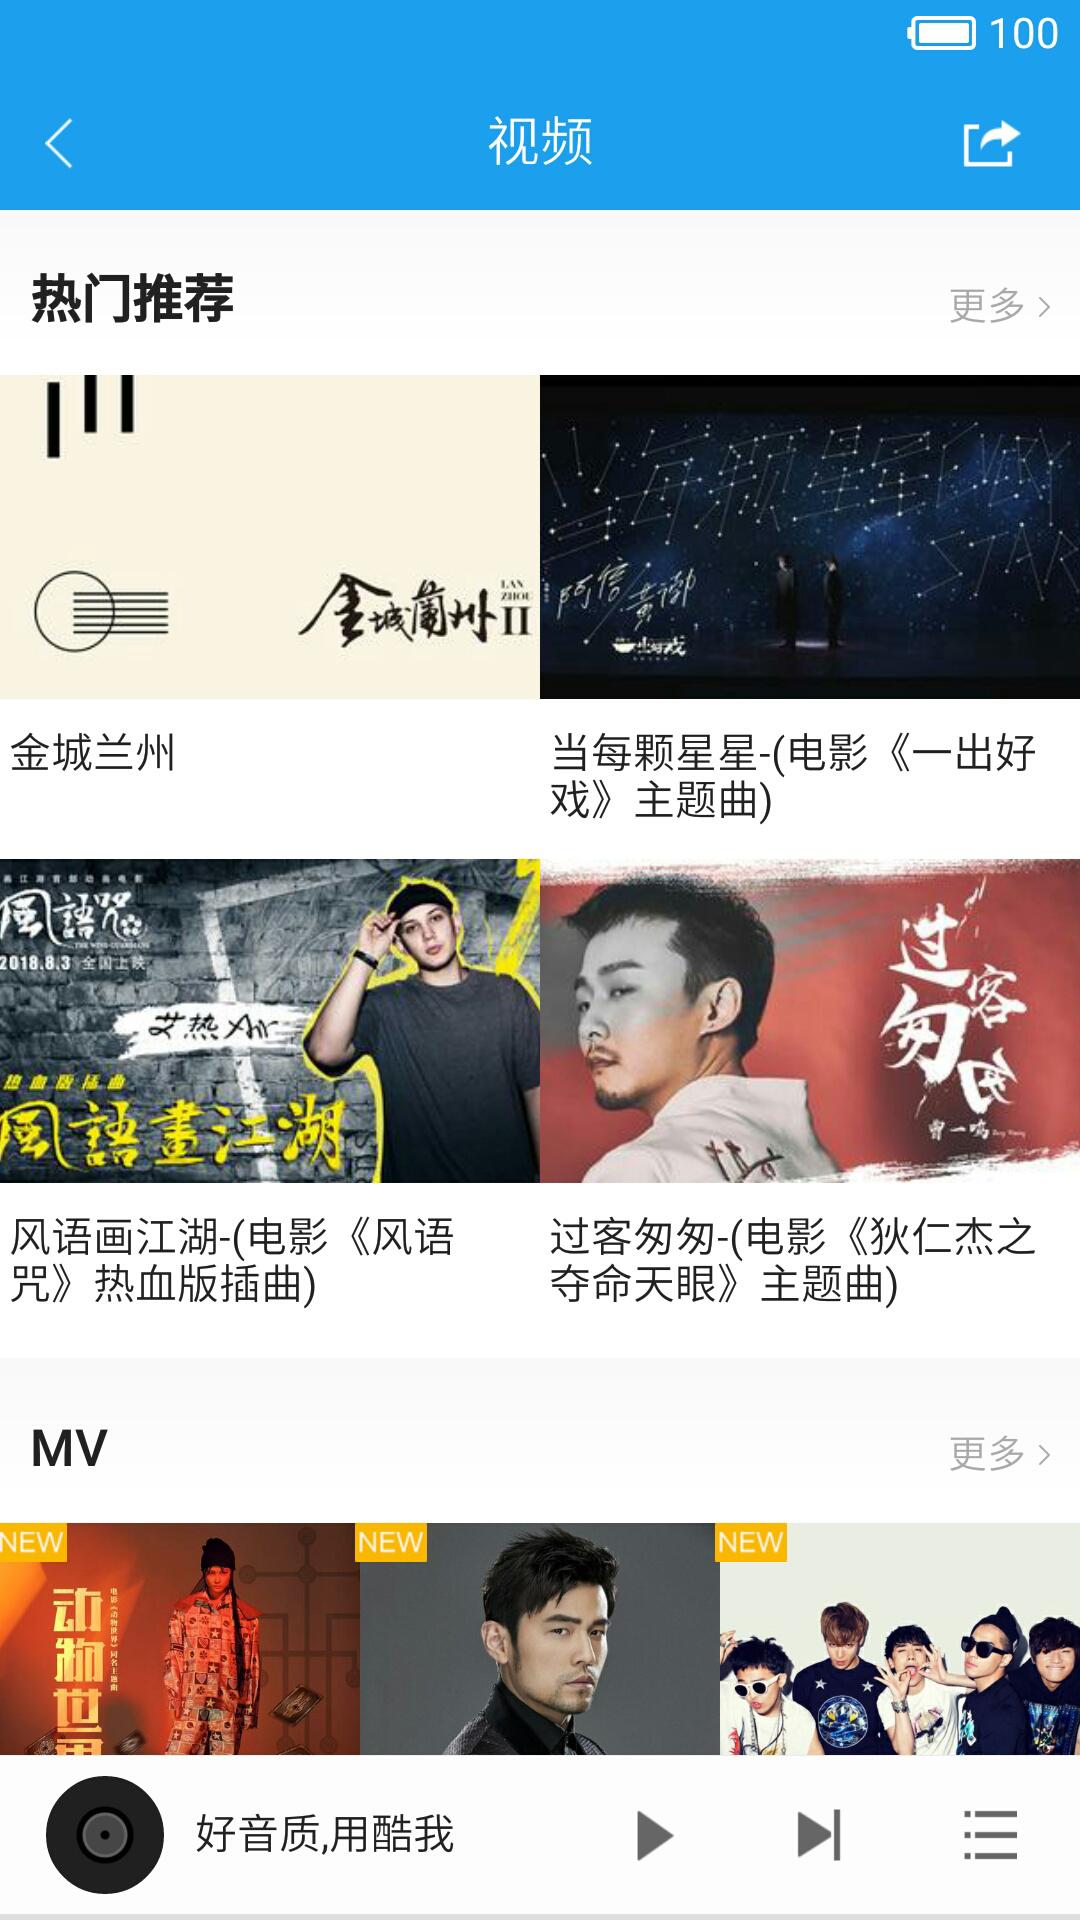 2019音乐下载排行榜_酷我音乐盒下载 酷我音乐盒官方下载2019 免费 太平